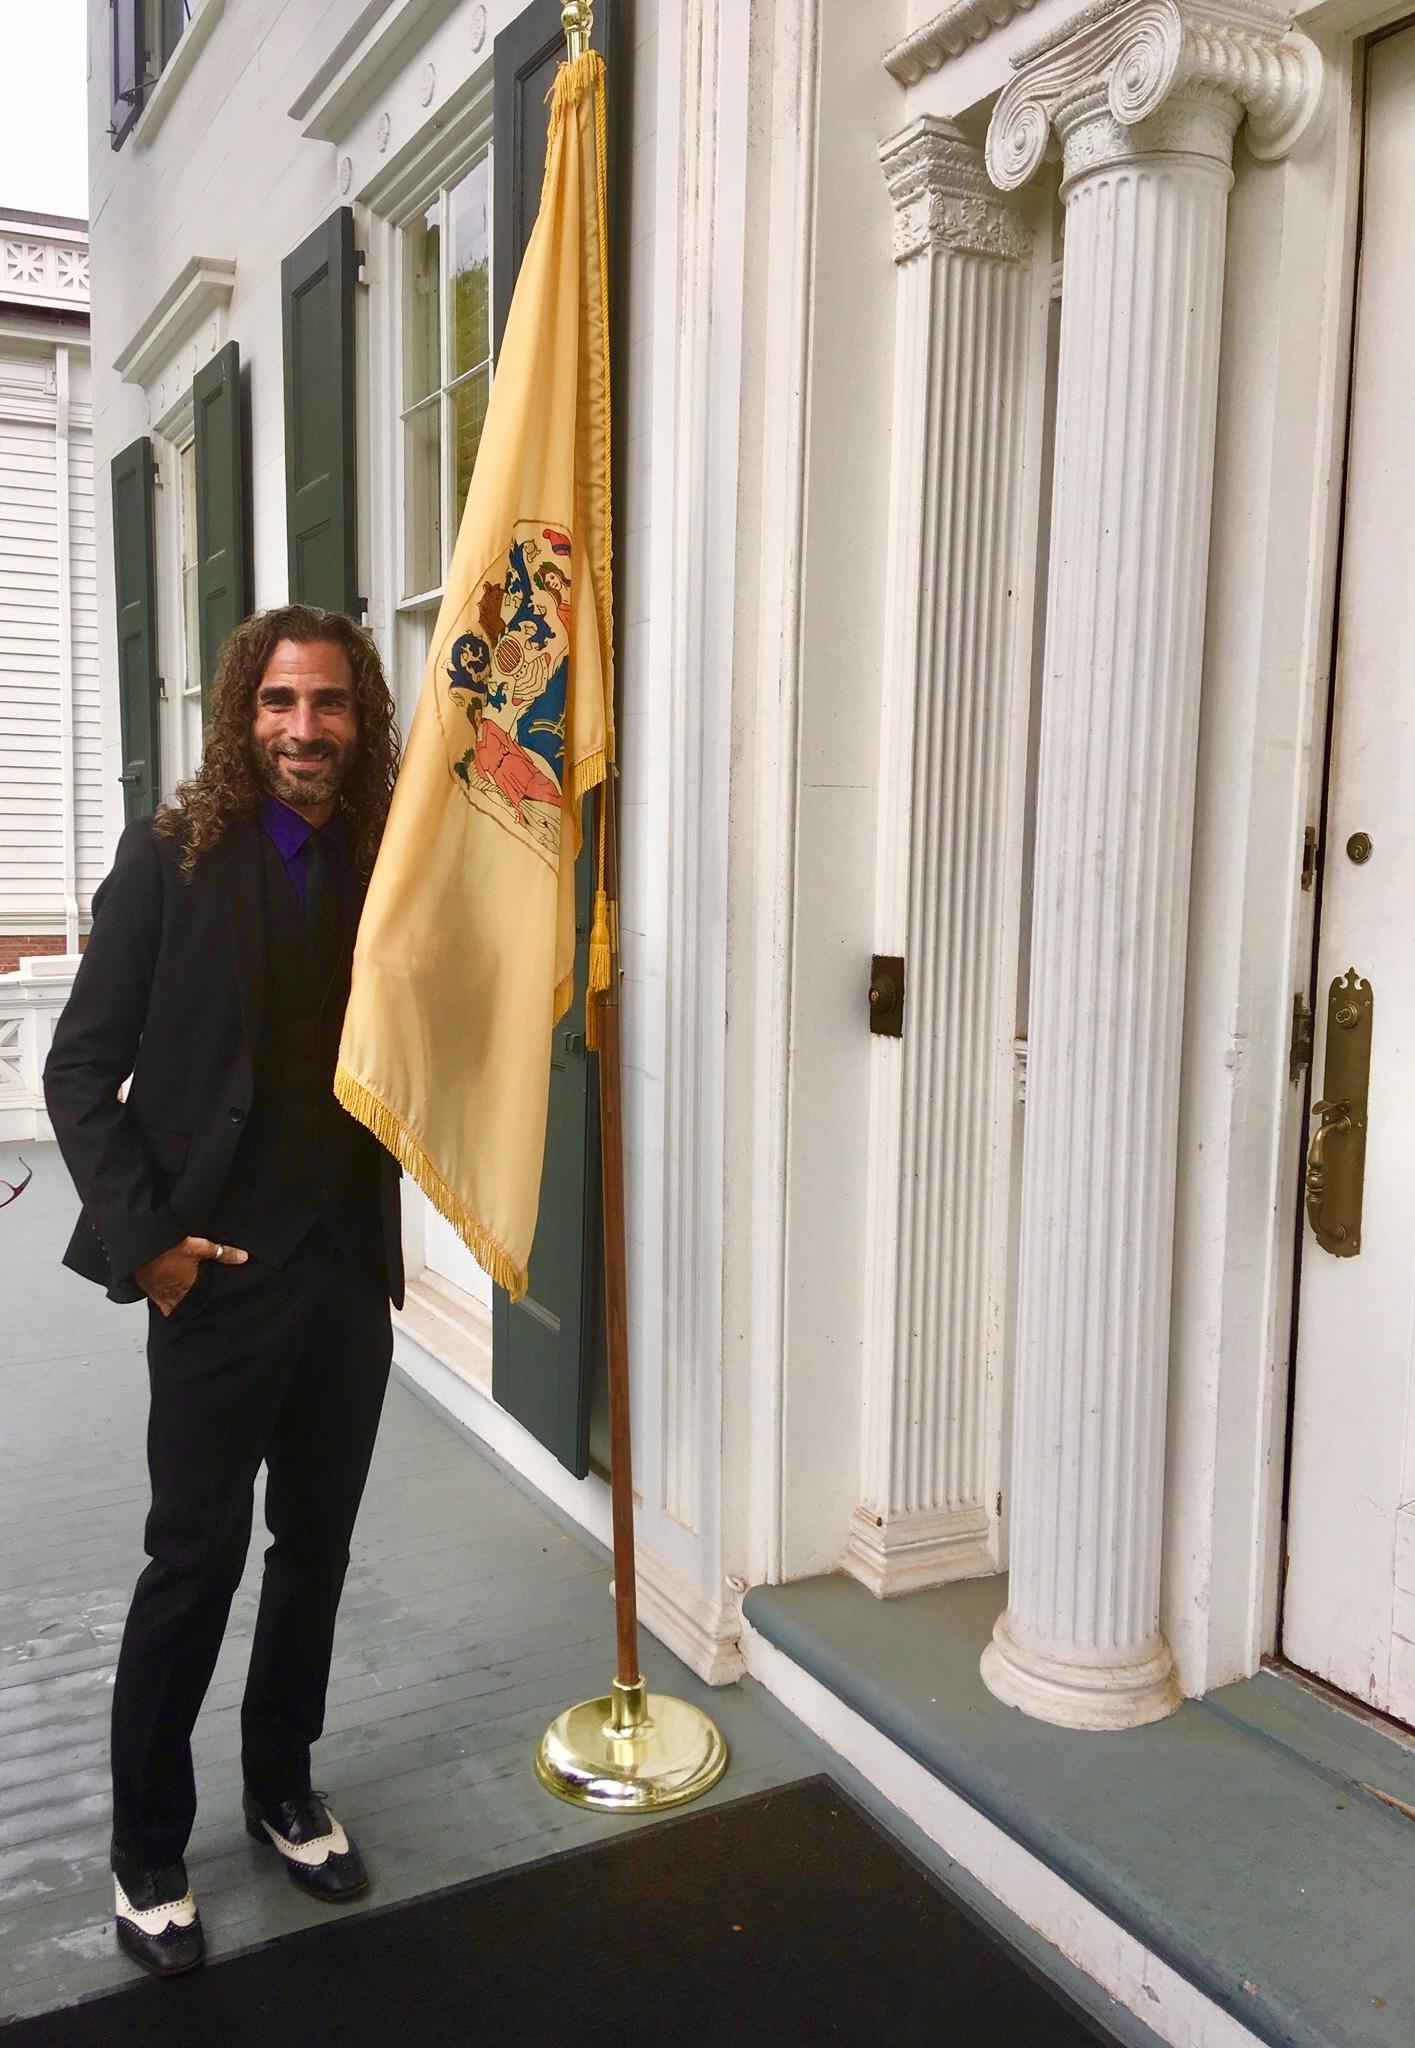 BRCSJ Chief Activist Robt Seda-Schreiber proud @ Pride Reception, Governor's Mansion.jpg